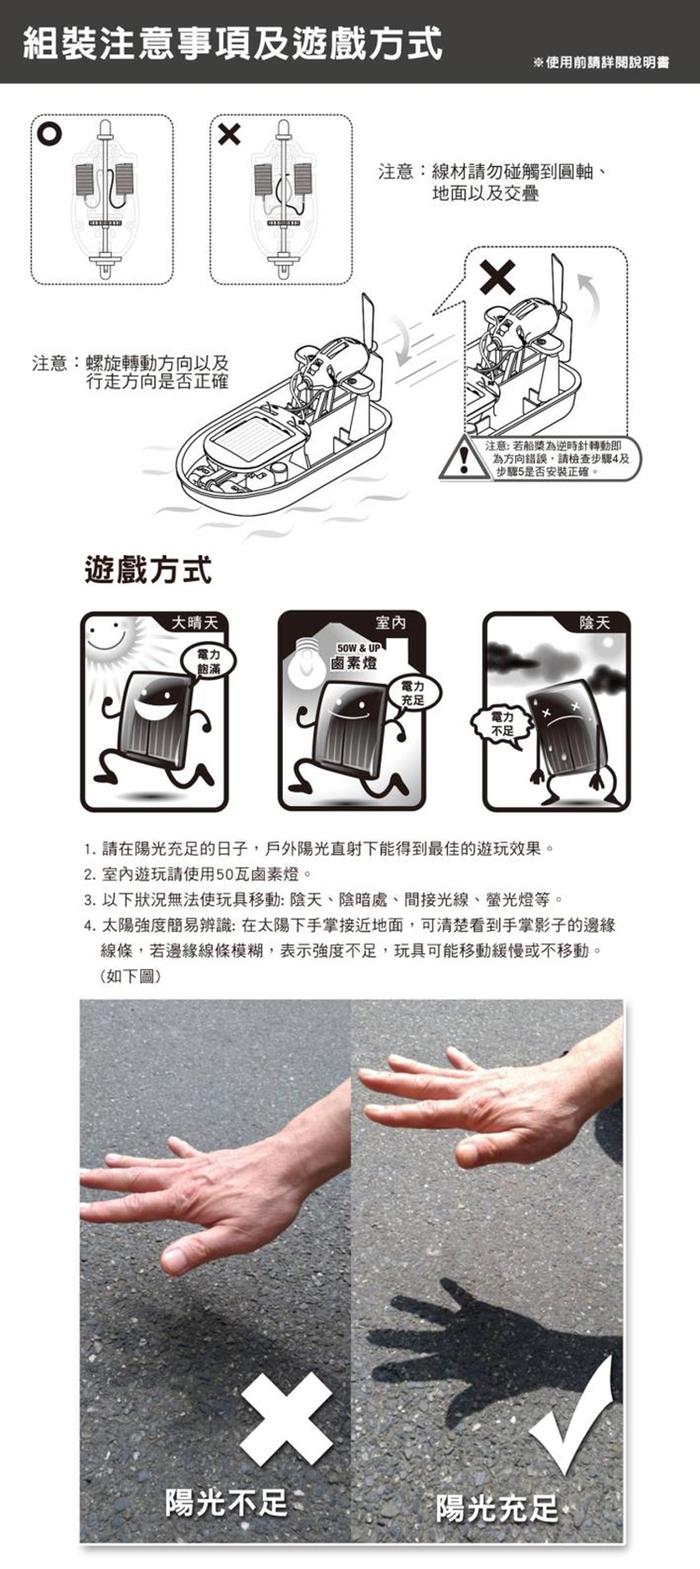 台灣Pro'sKit寶工|科學玩具6合1太陽能陸海空科學教育組 ( GE-610 )